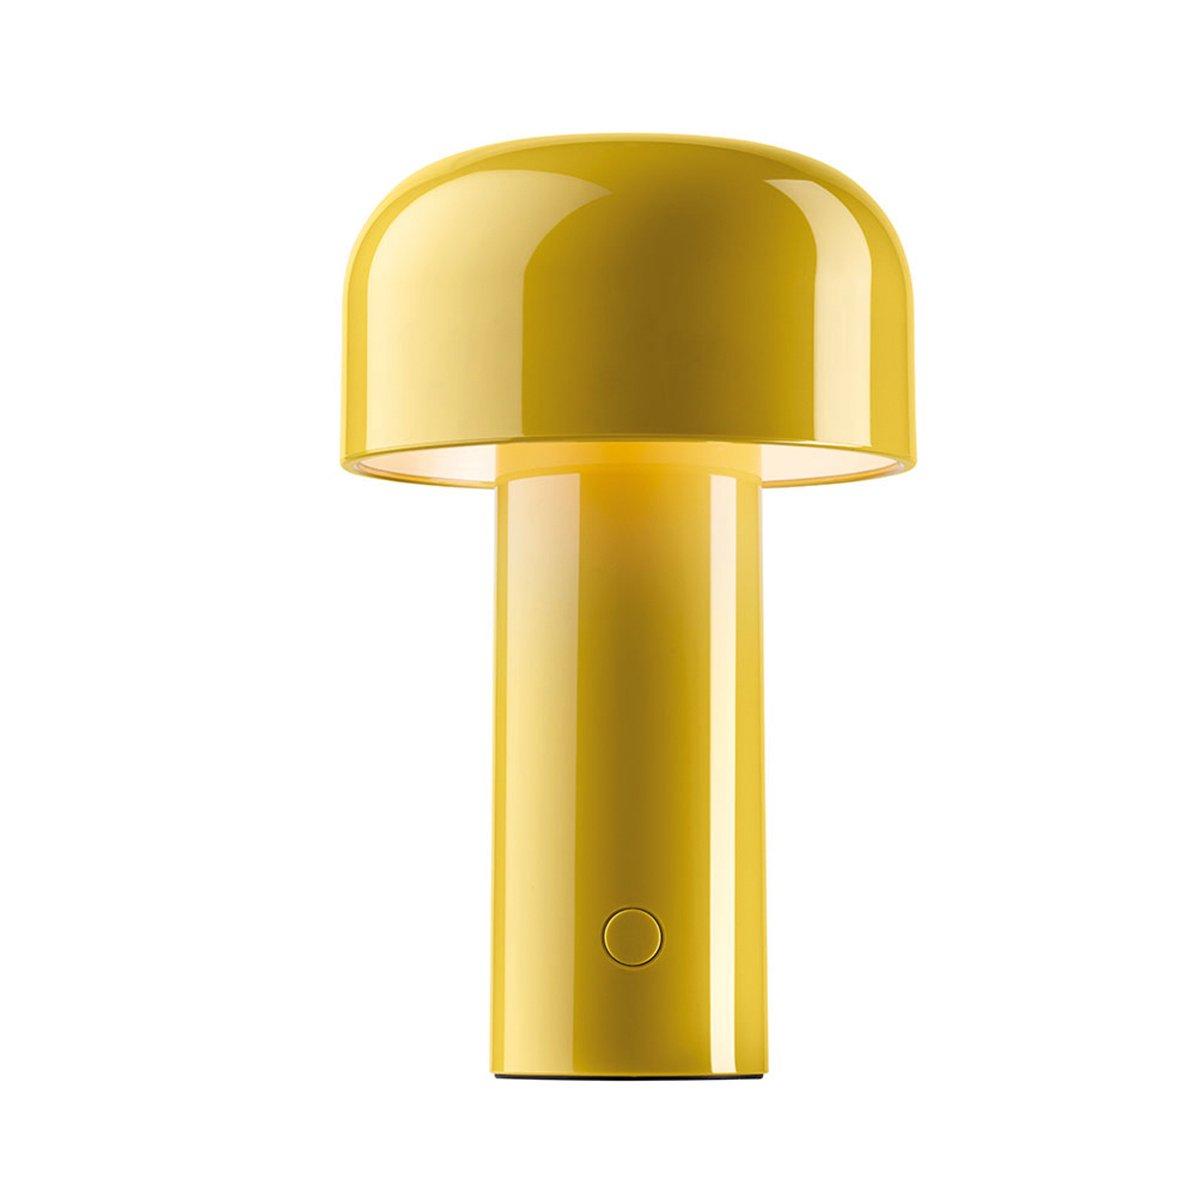 FLOS Bellhop Tafellamp - Geel